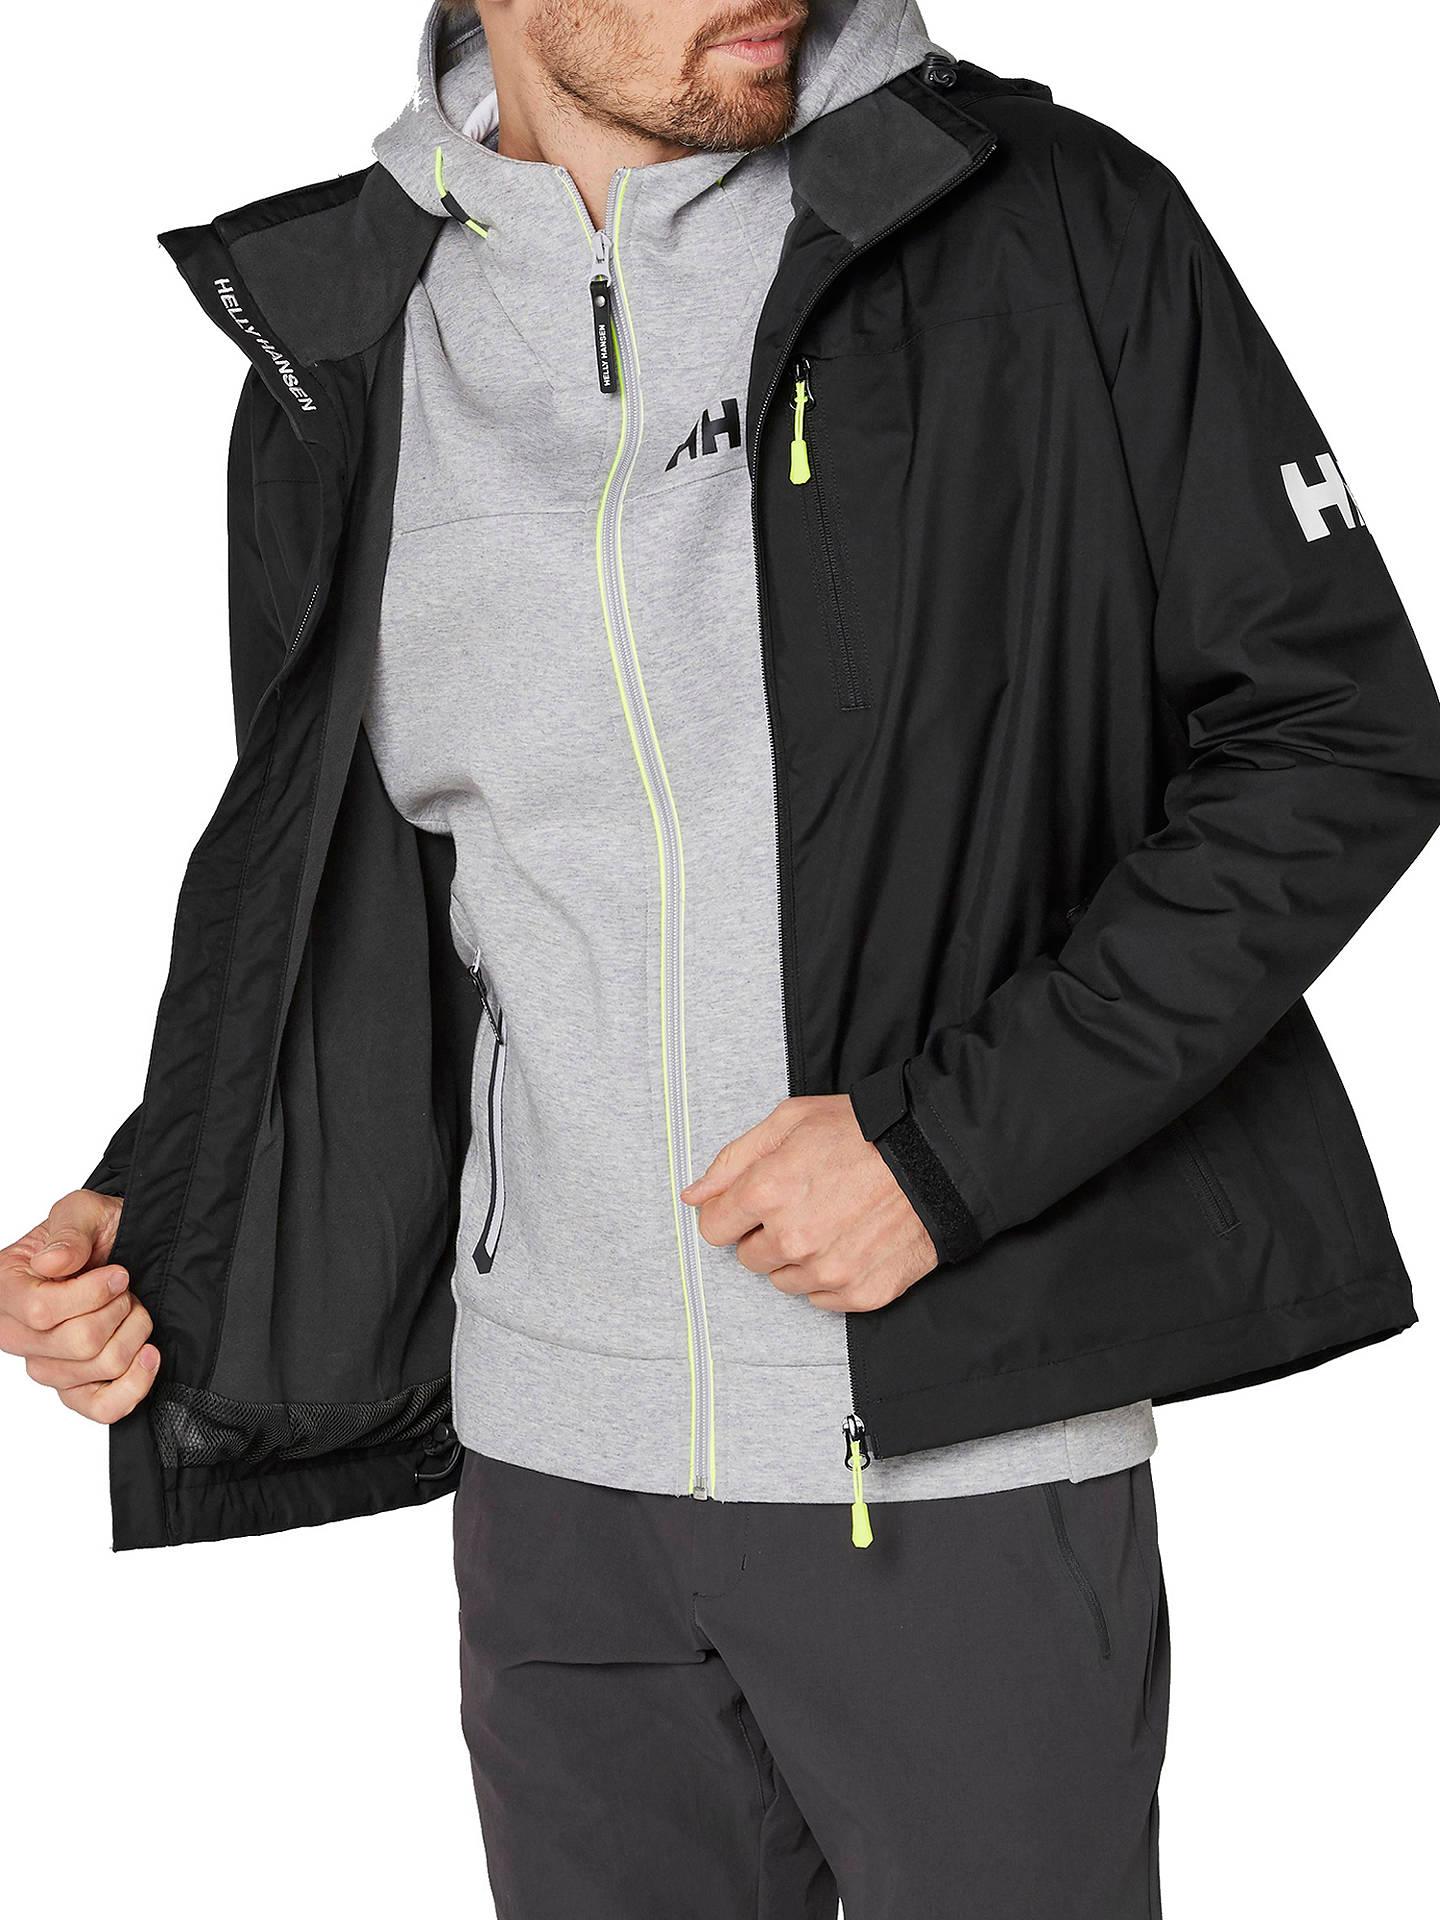 fd7db86b6 Helly Hansen Crew Hooded Midlayer Waterproof Men's Jacket, Black at ...